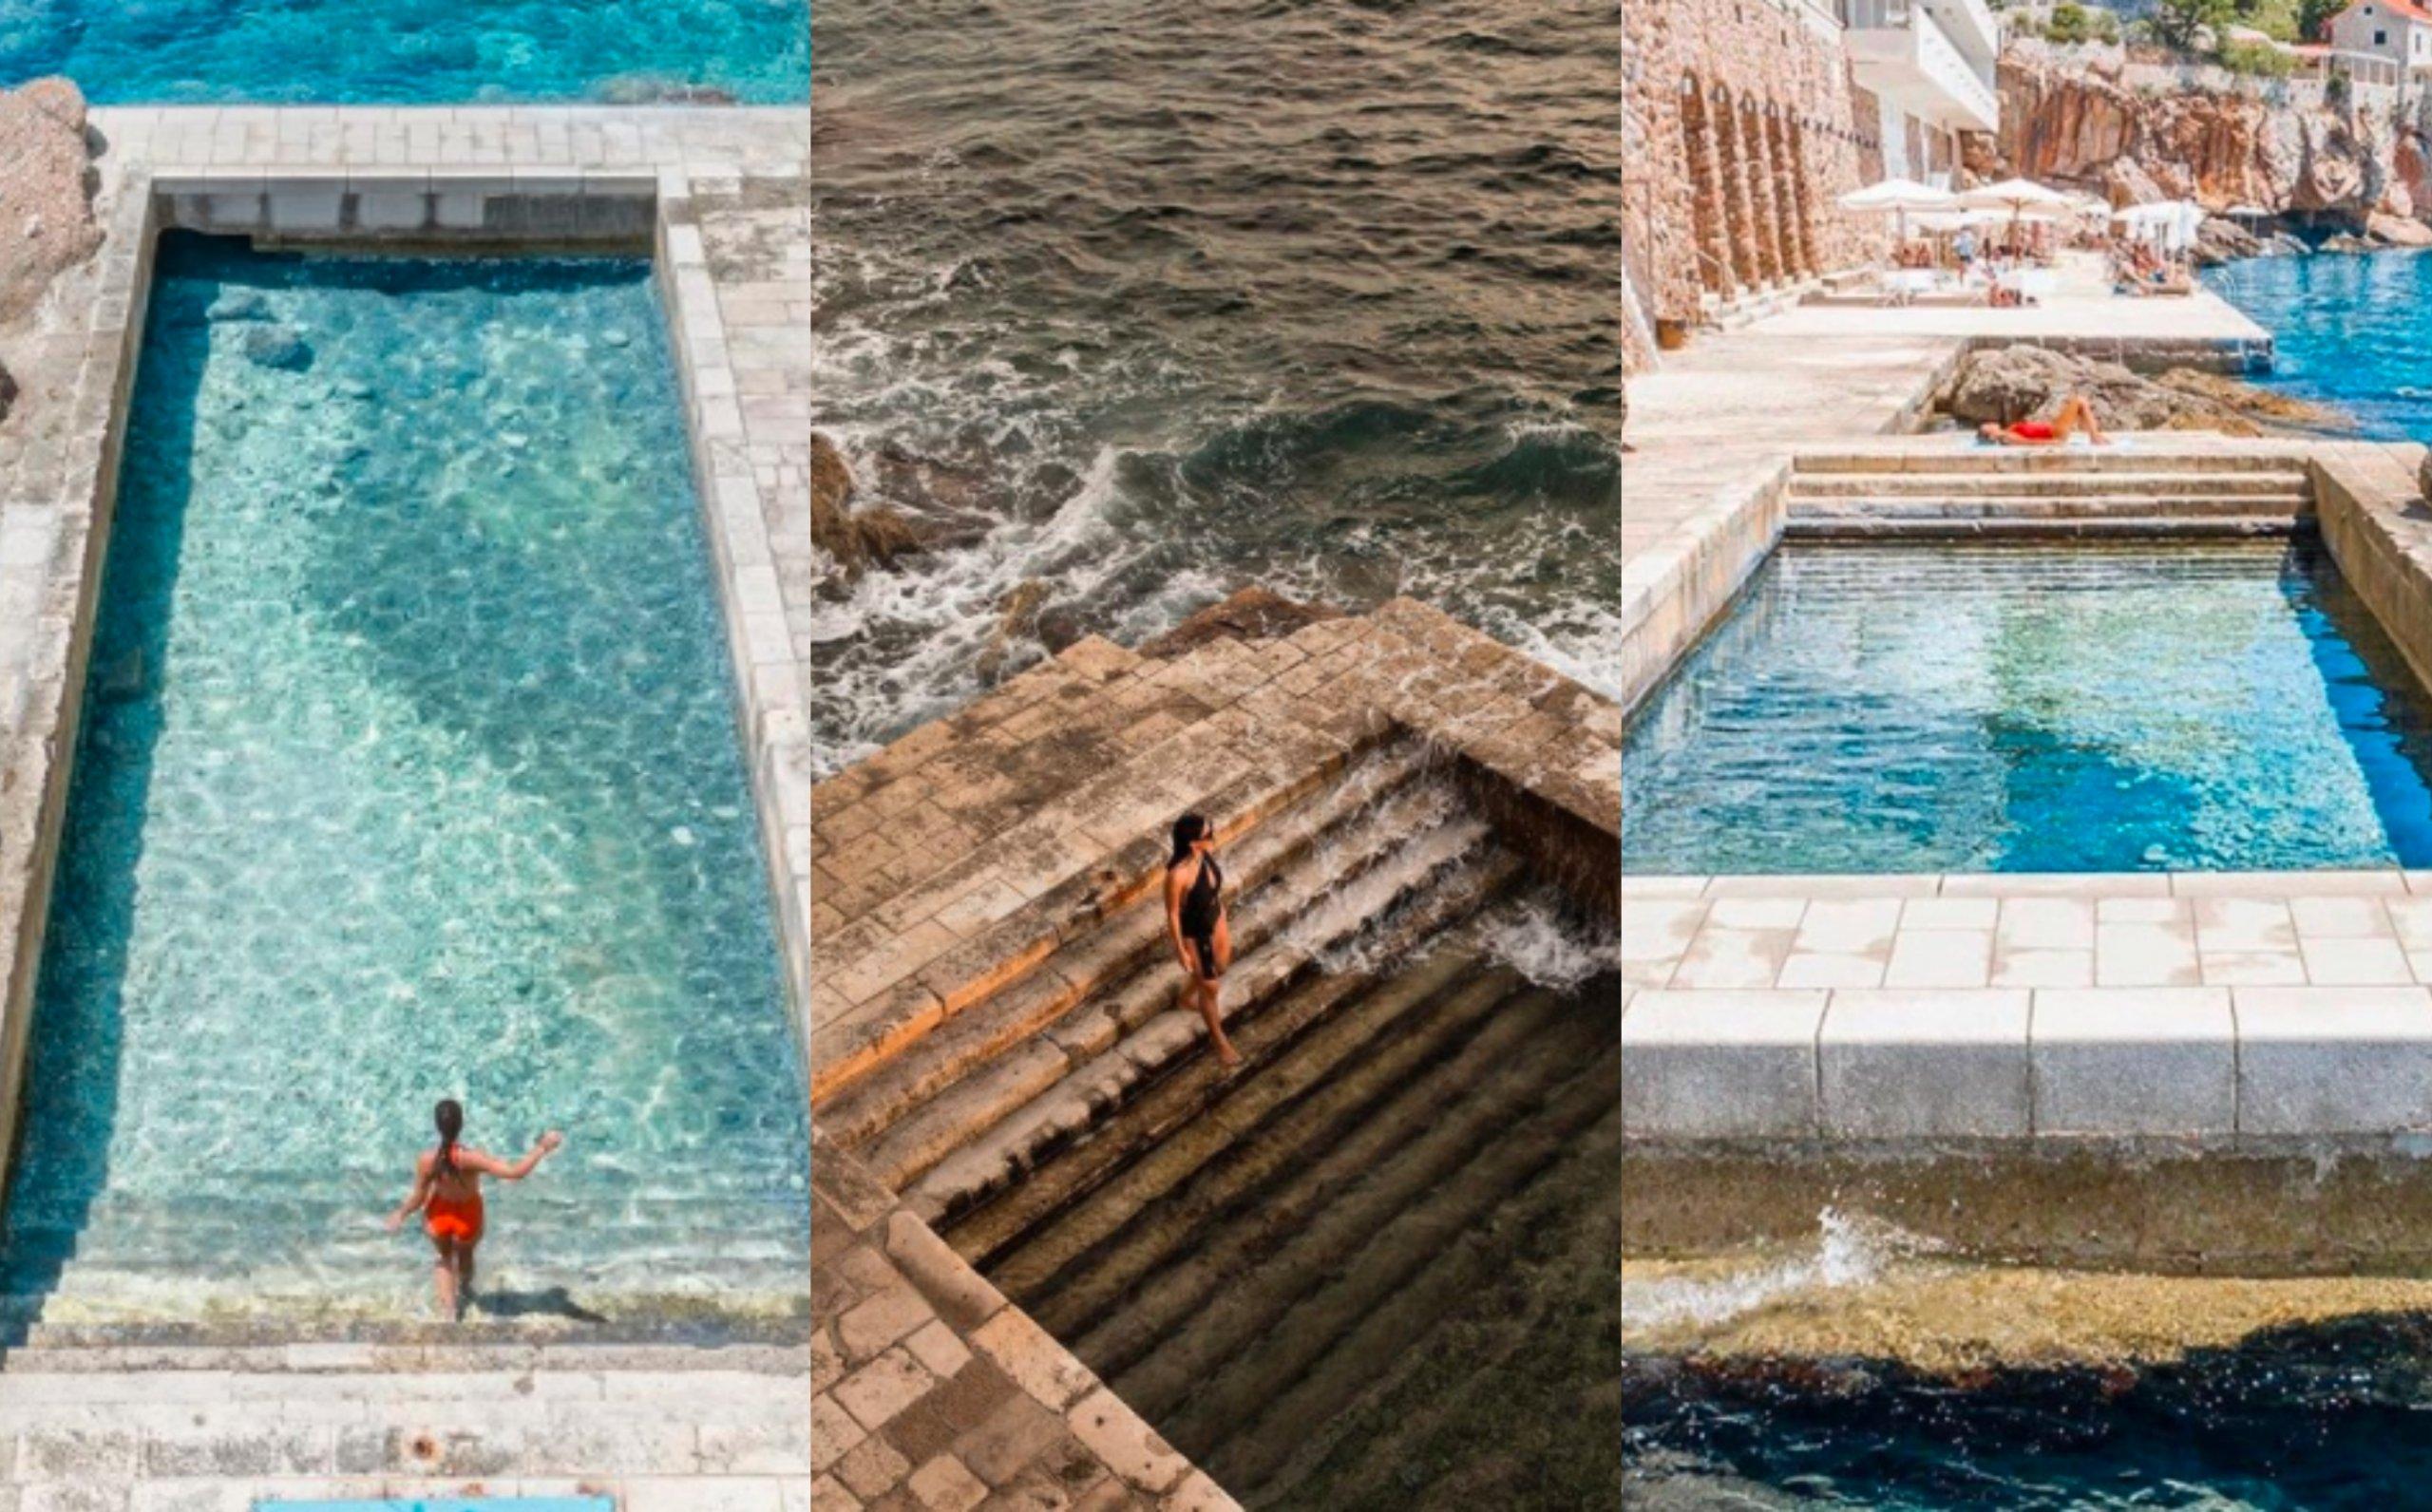 Kameni bazen koji je raspametio svijet nalazi se u Hrvatskoj